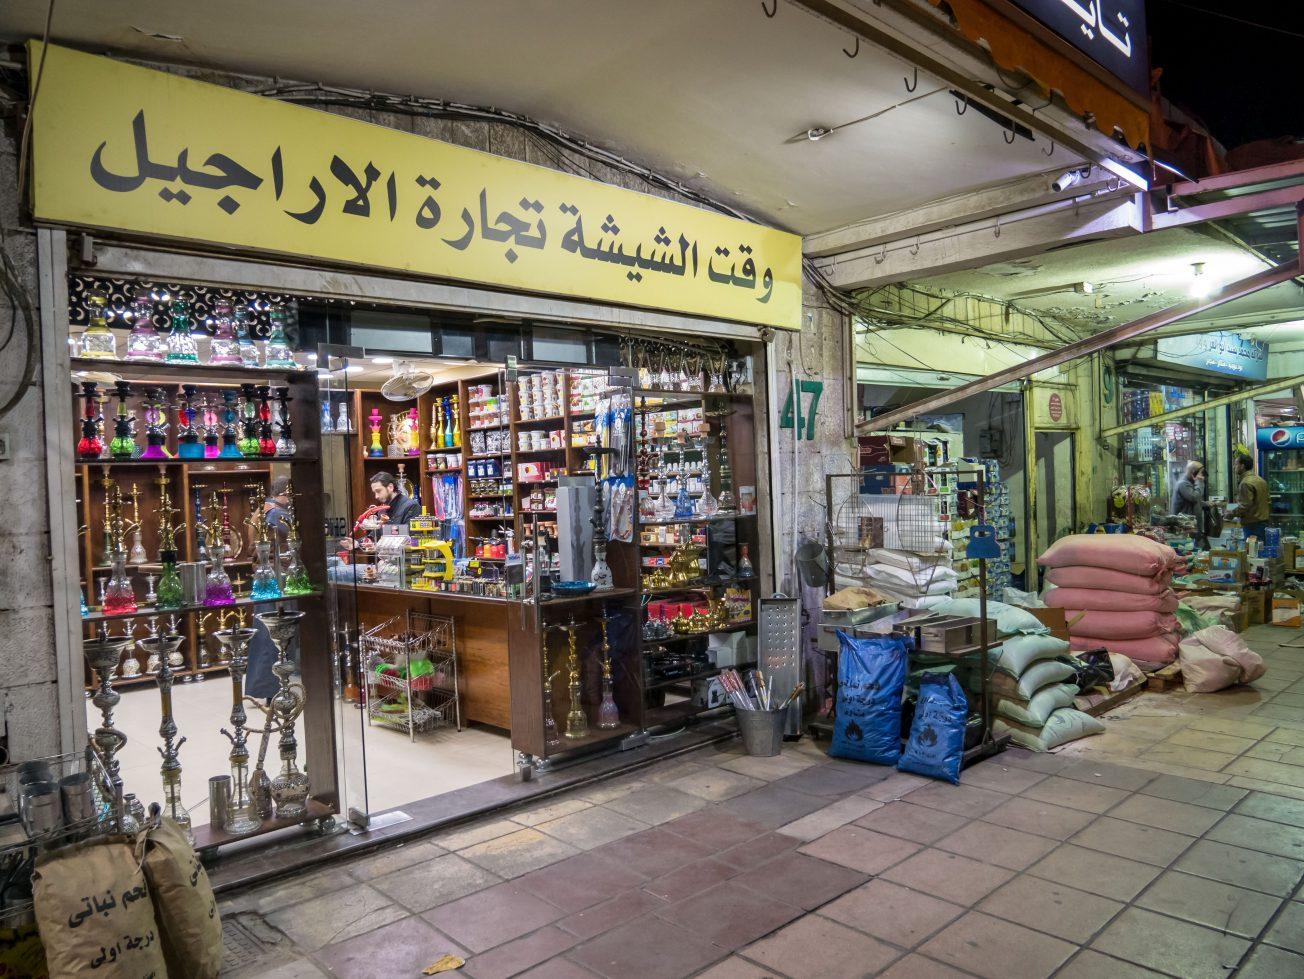 Obchod Akaba Jordánsko